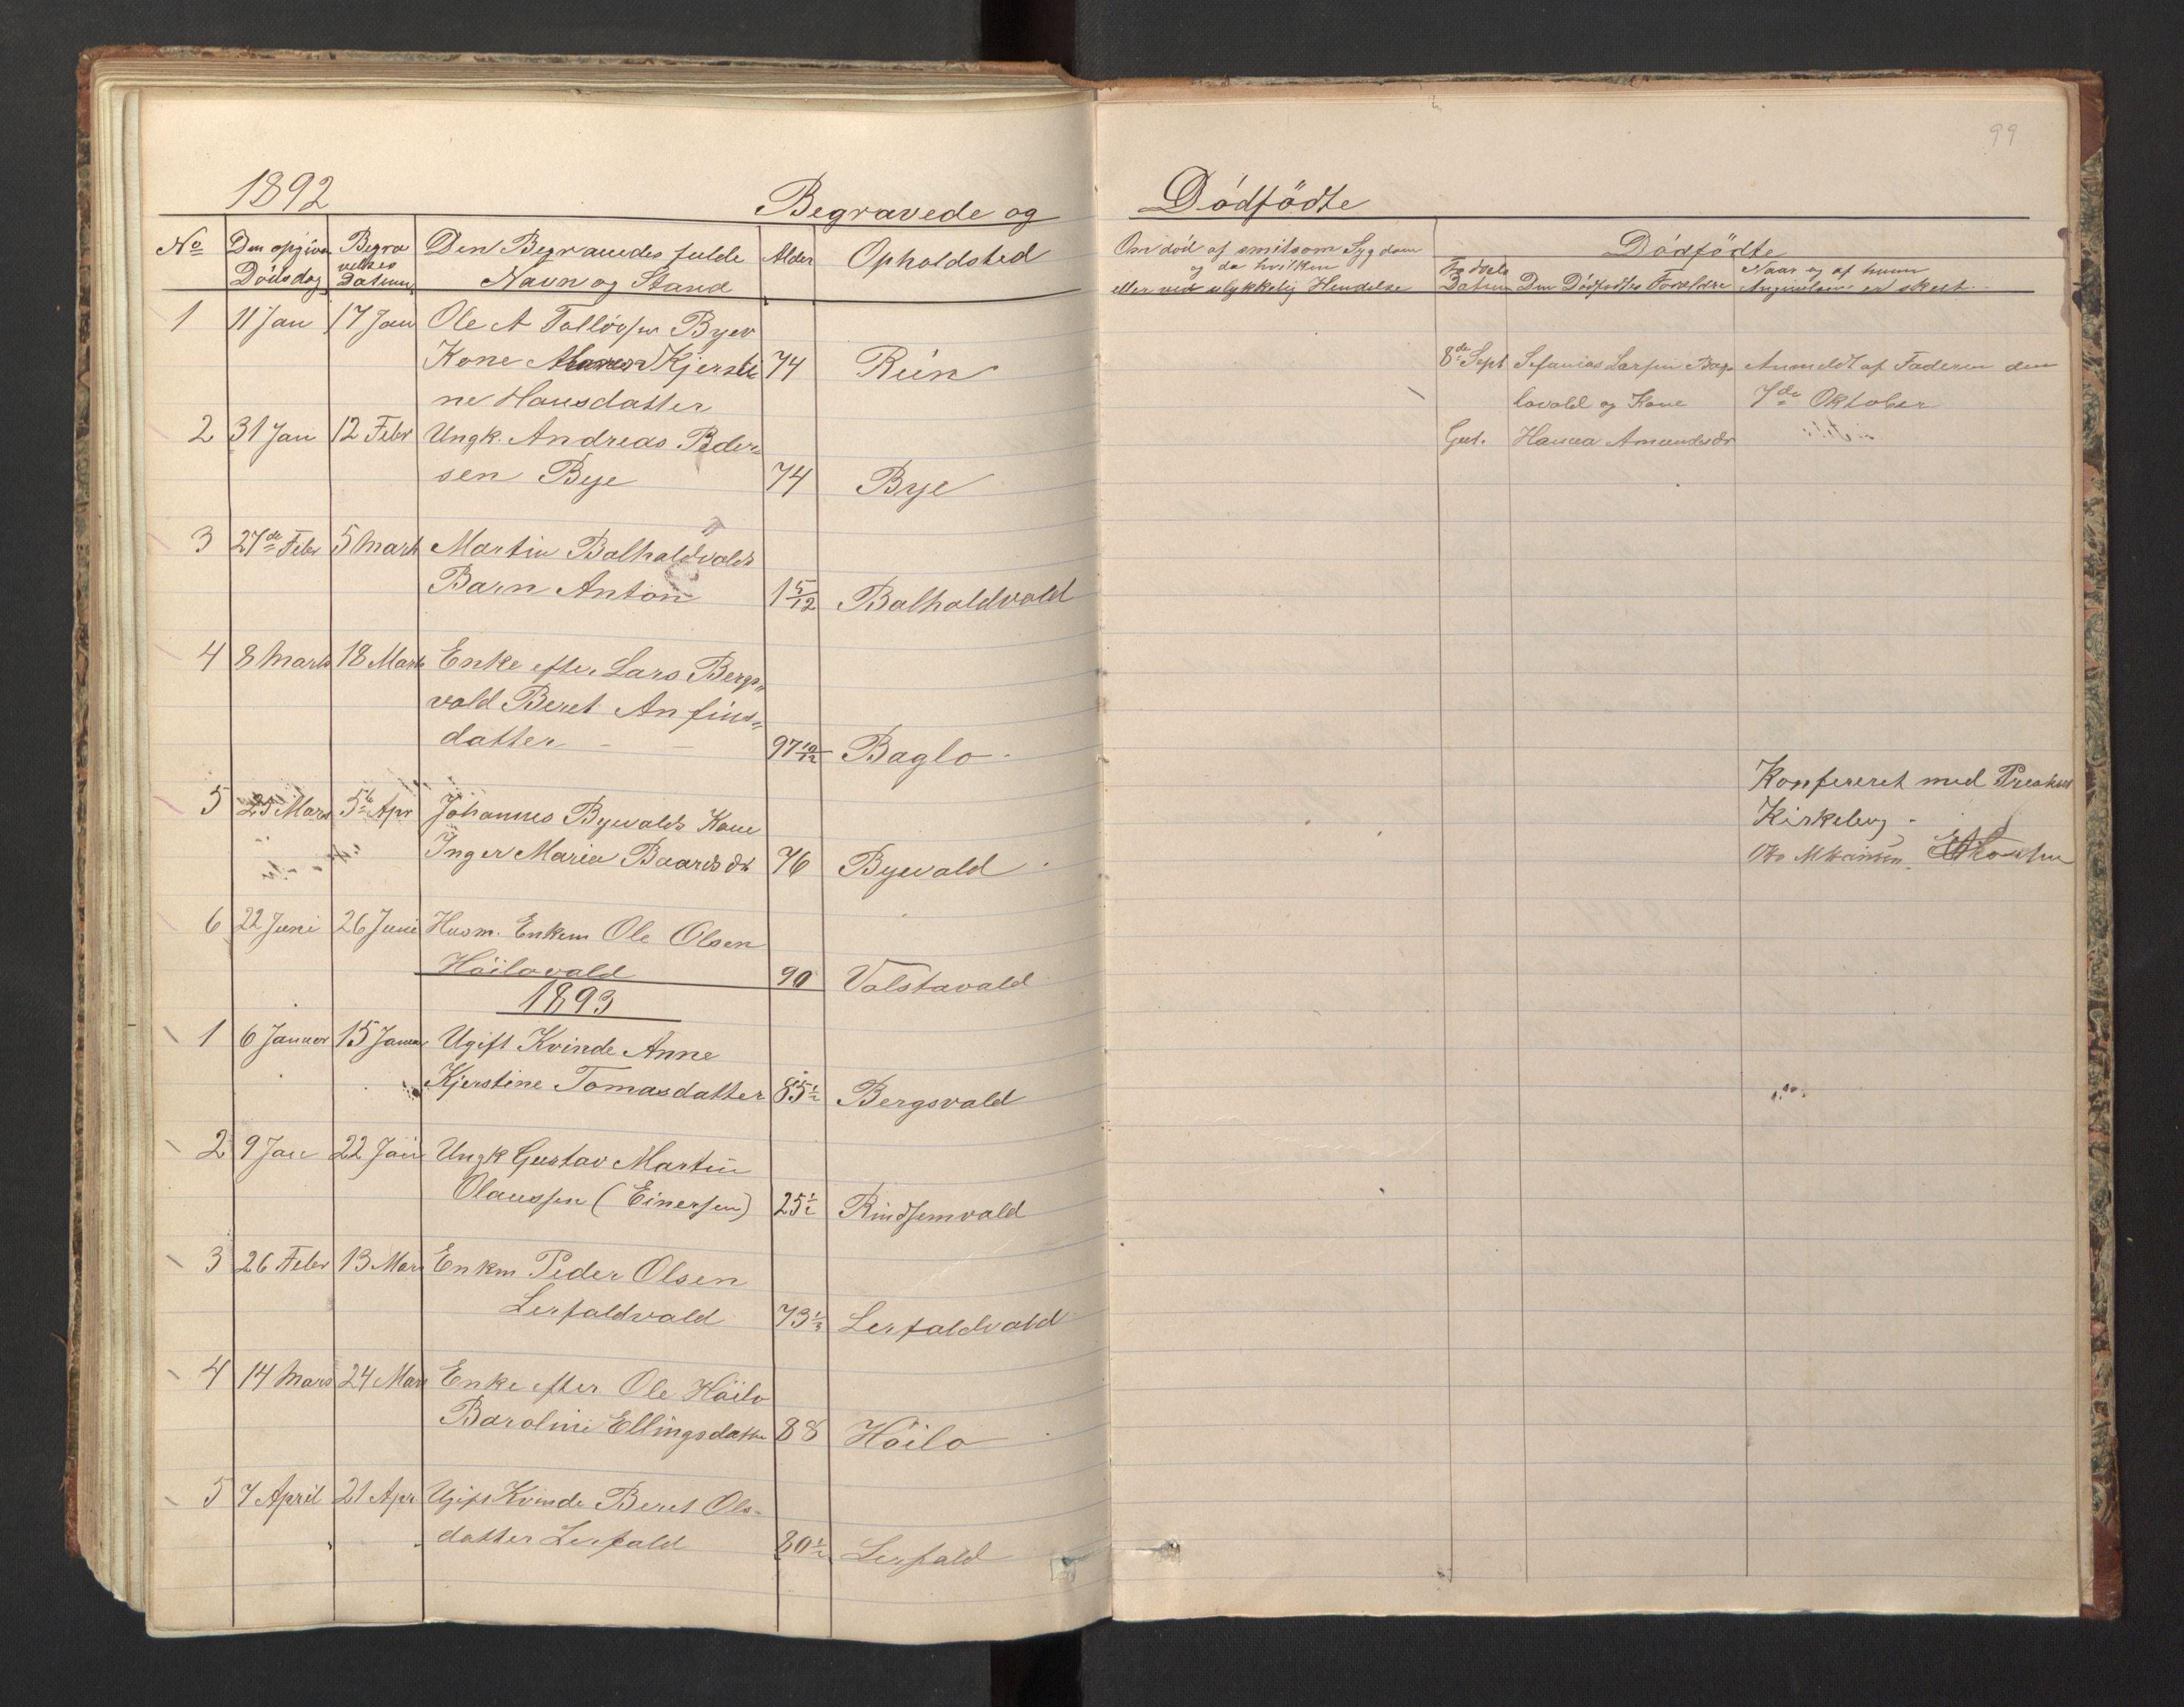 SAT, Ministerialprotokoller, klokkerbøker og fødselsregistre - Nord-Trøndelag, 726/L0271: Klokkerbok nr. 726C02, 1869-1897, s. 99